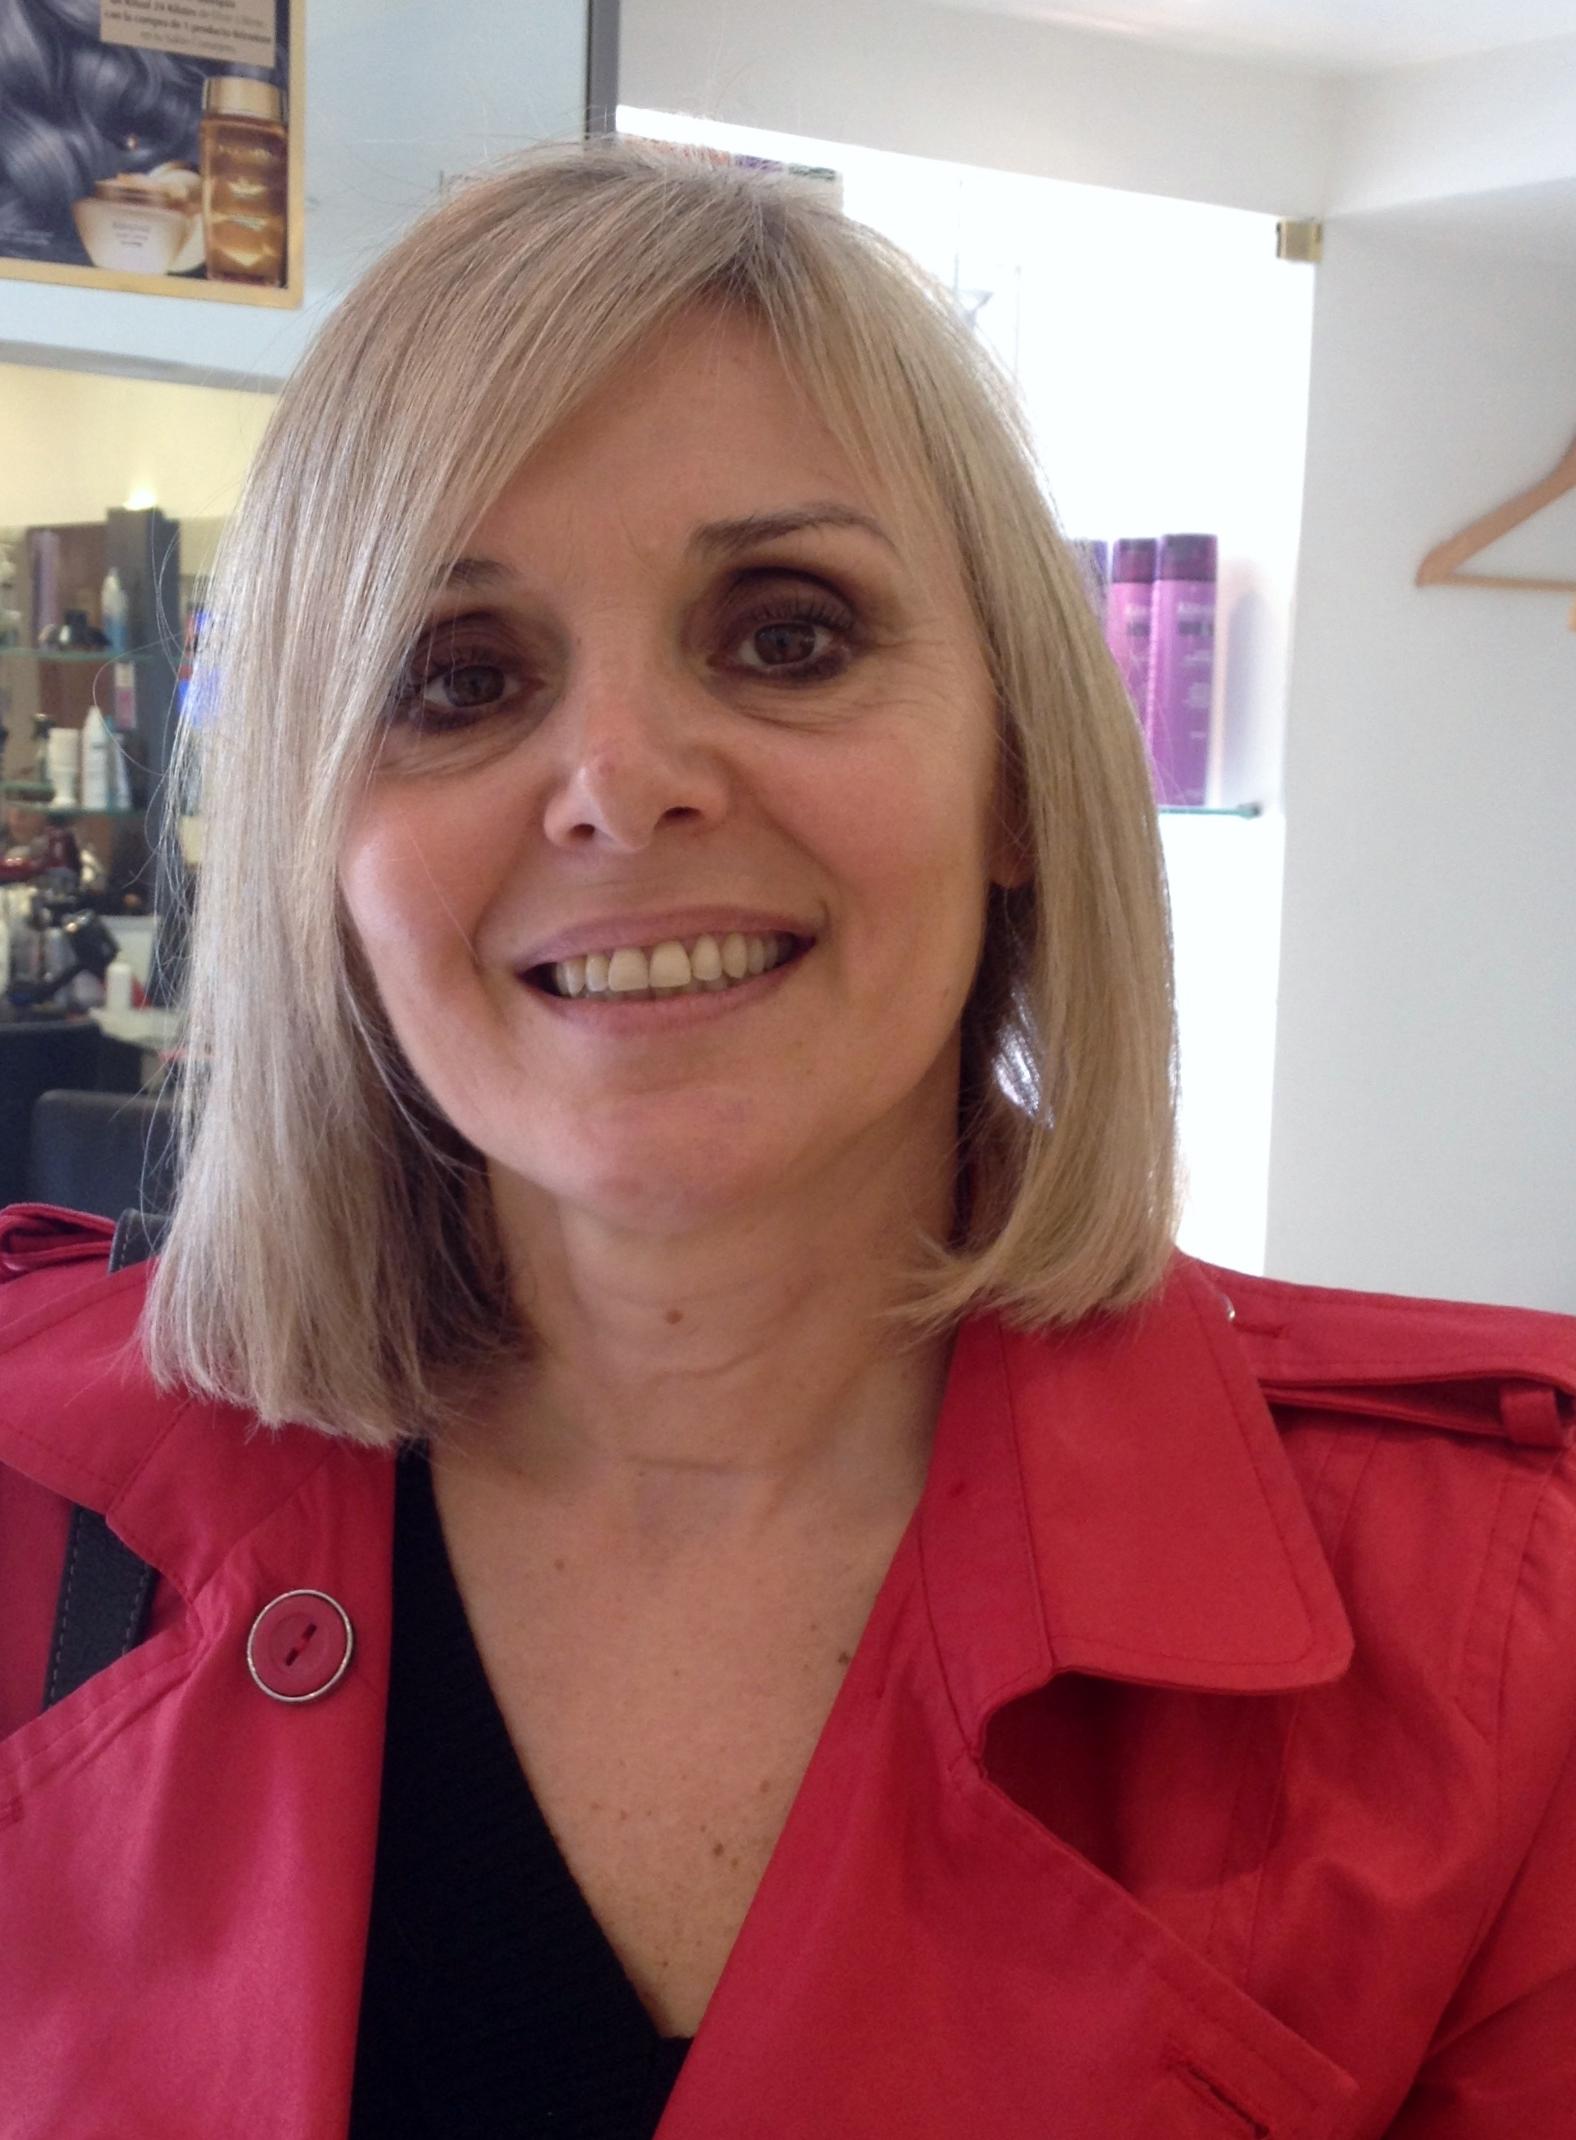 Silvana Cecareli